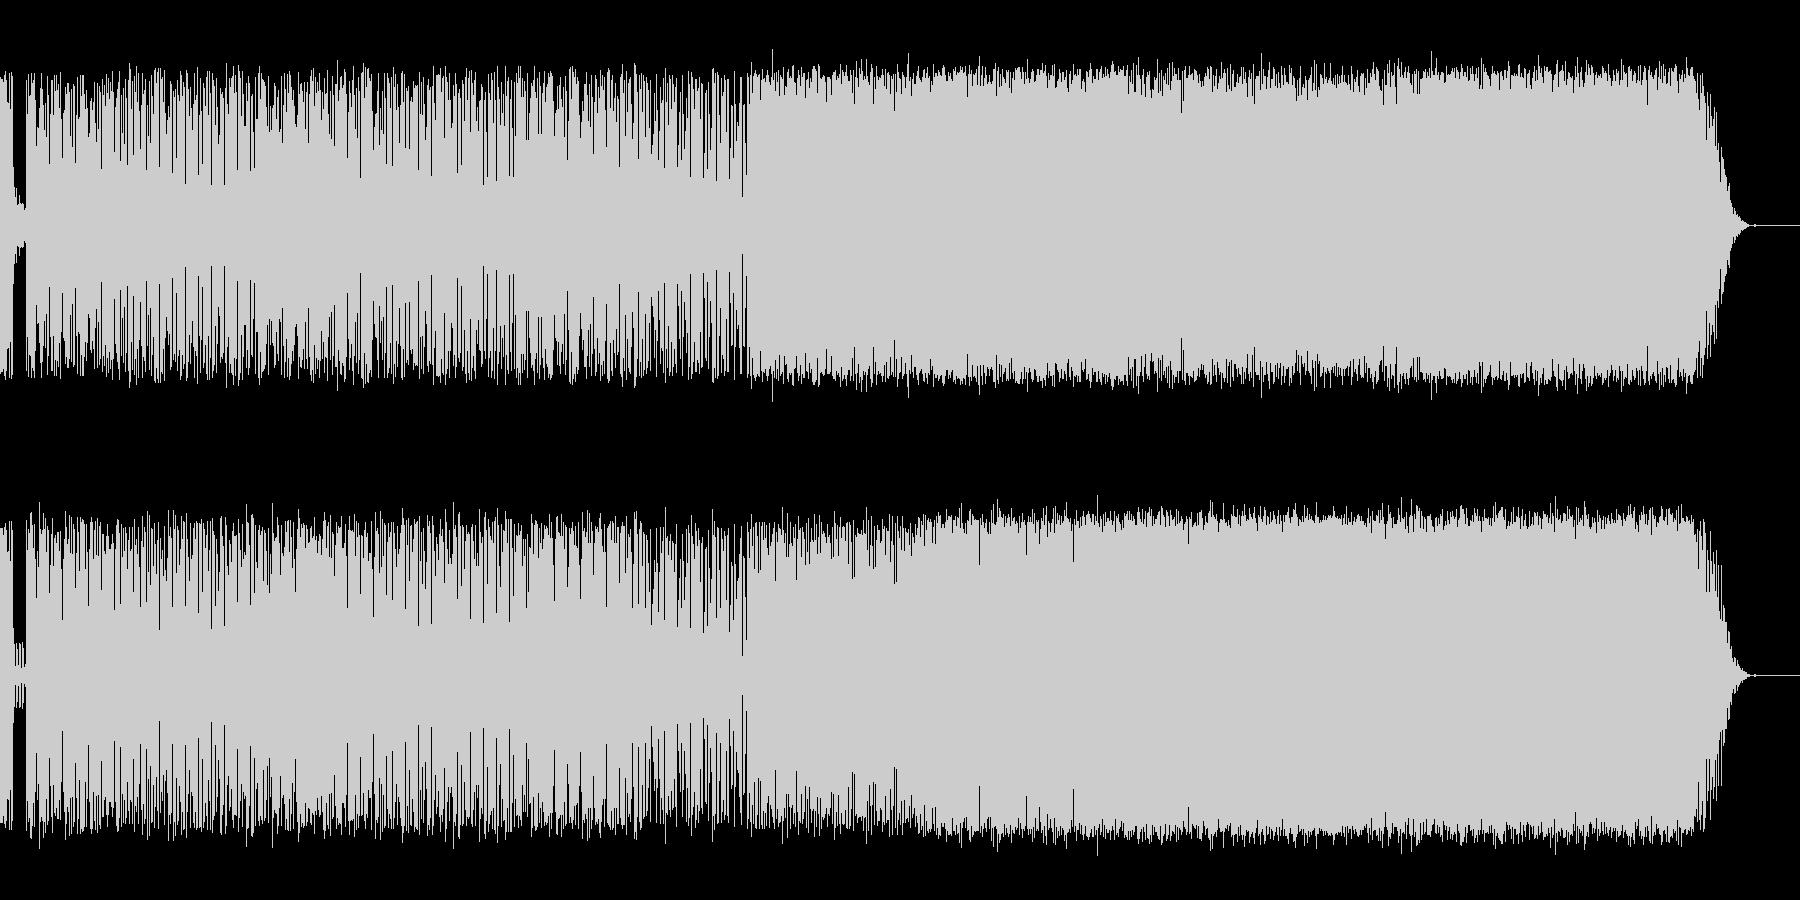 ボサ・ノヴァ/サンバ・ベースの無国籍な…の未再生の波形